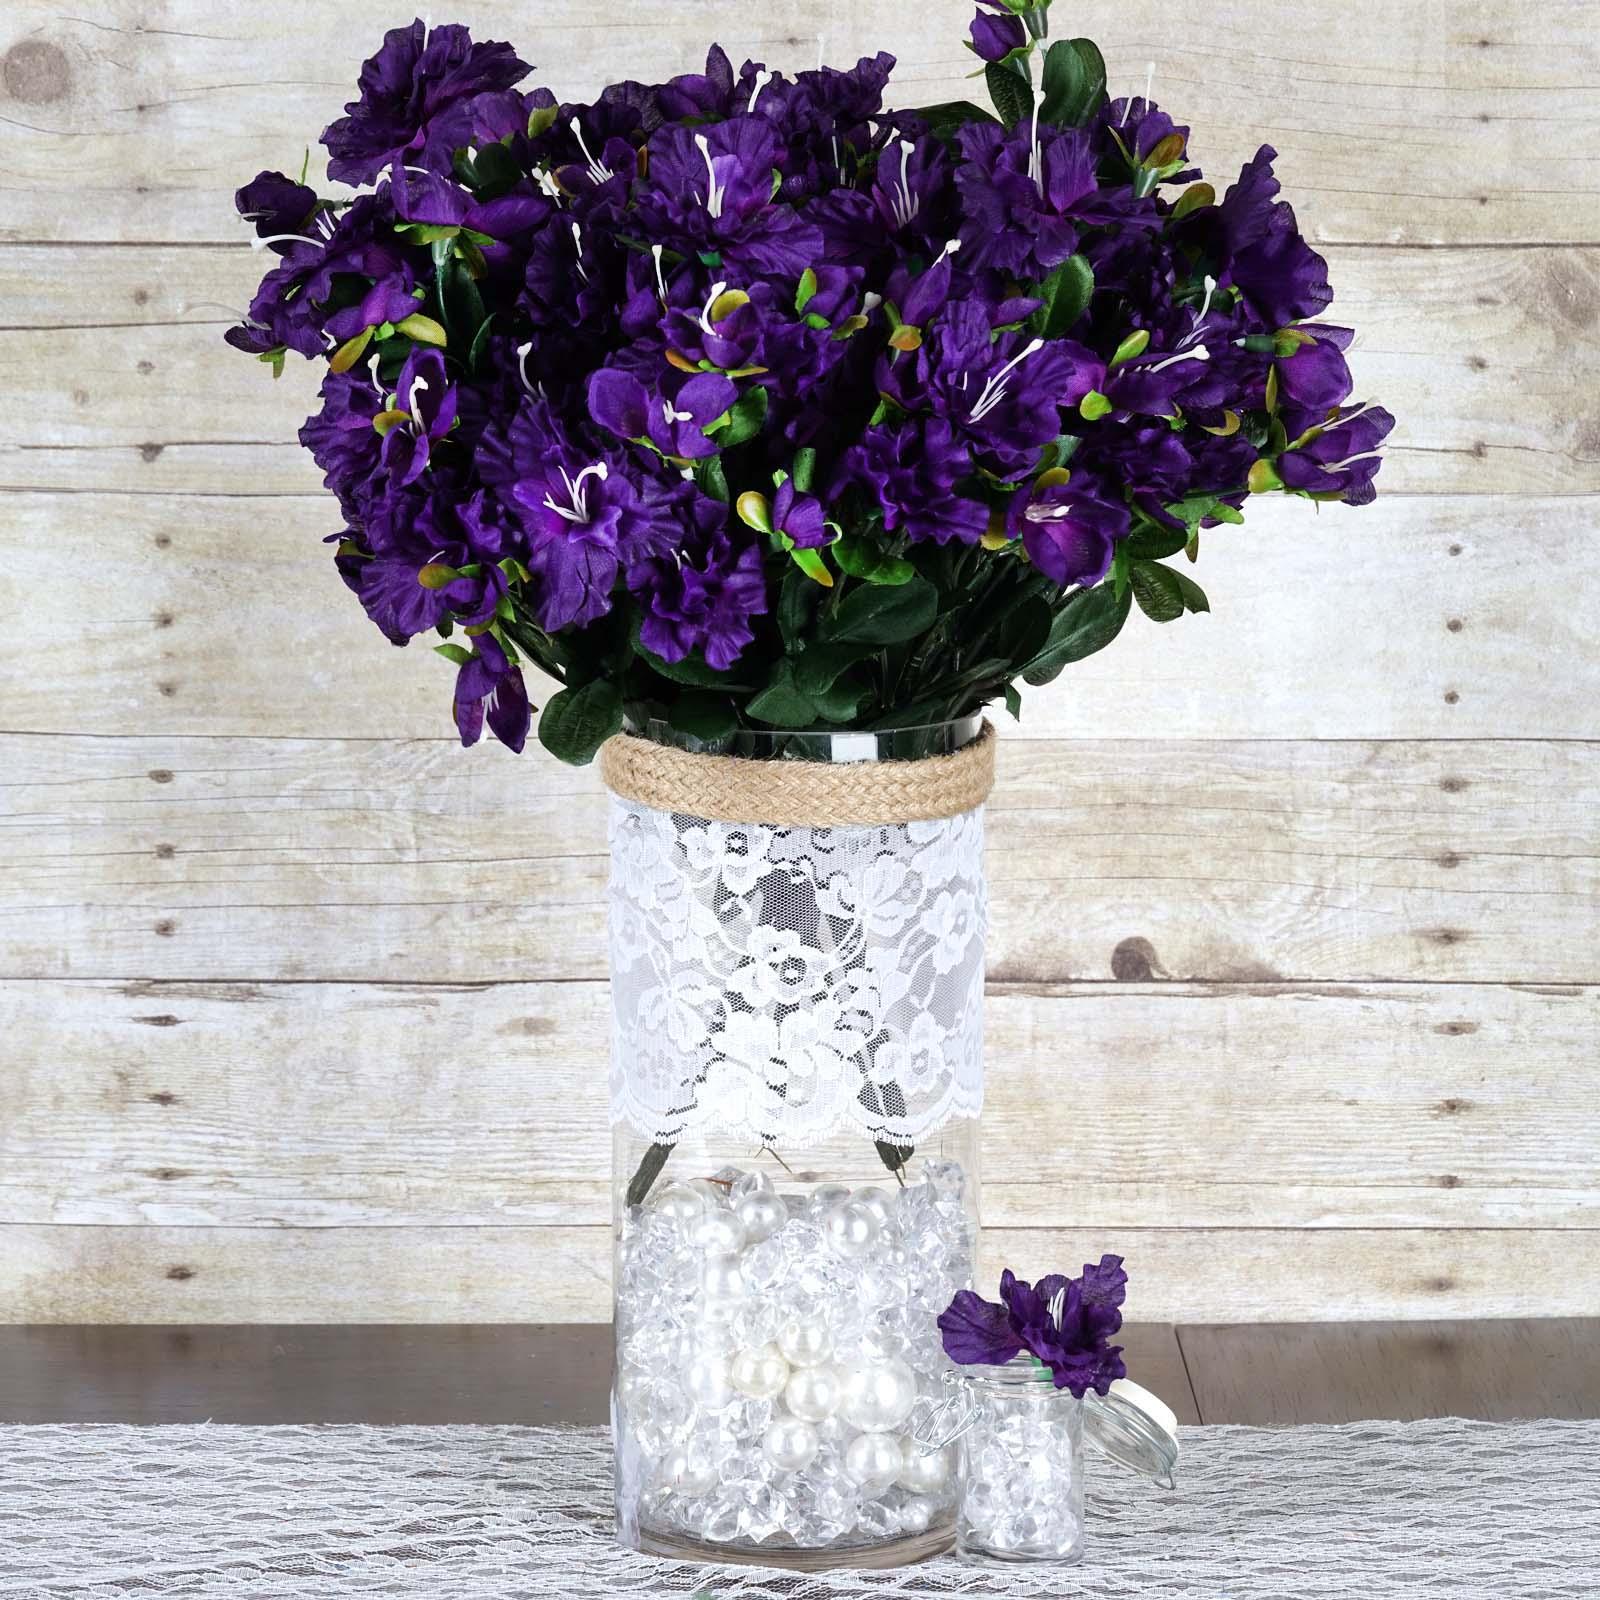 Efavormart 120 pcs Artificial GARDENIAS Flowers for DIY Wedding Bouquets Centerpieces Arrangements Party Home Decoration - 4 bushes